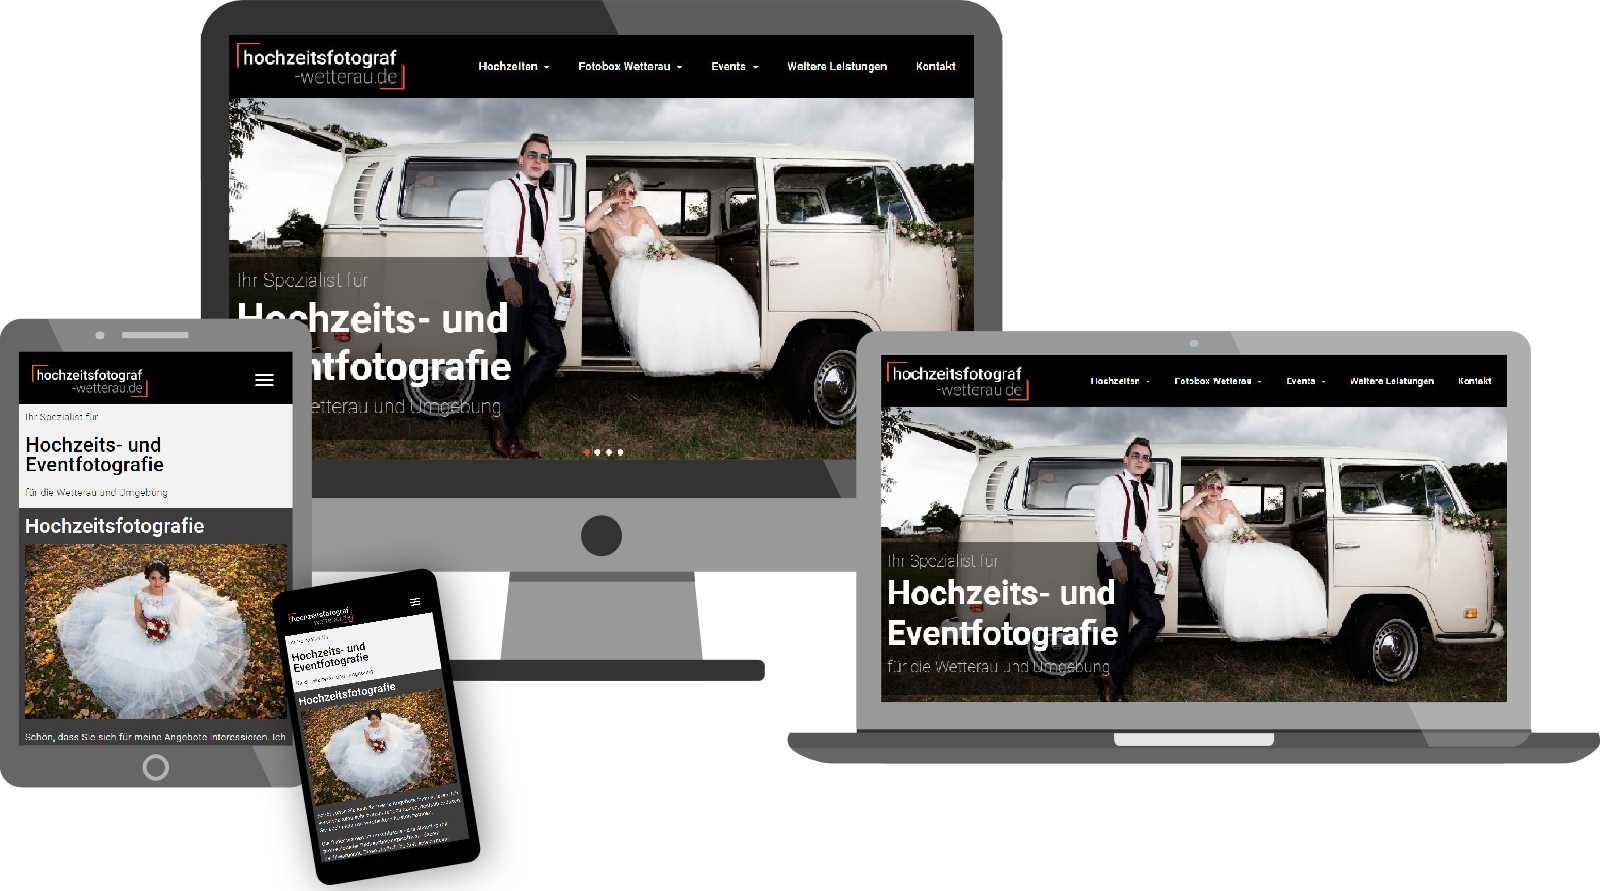 Referenzen - Website hochzeitsfotografie-wetterau.de